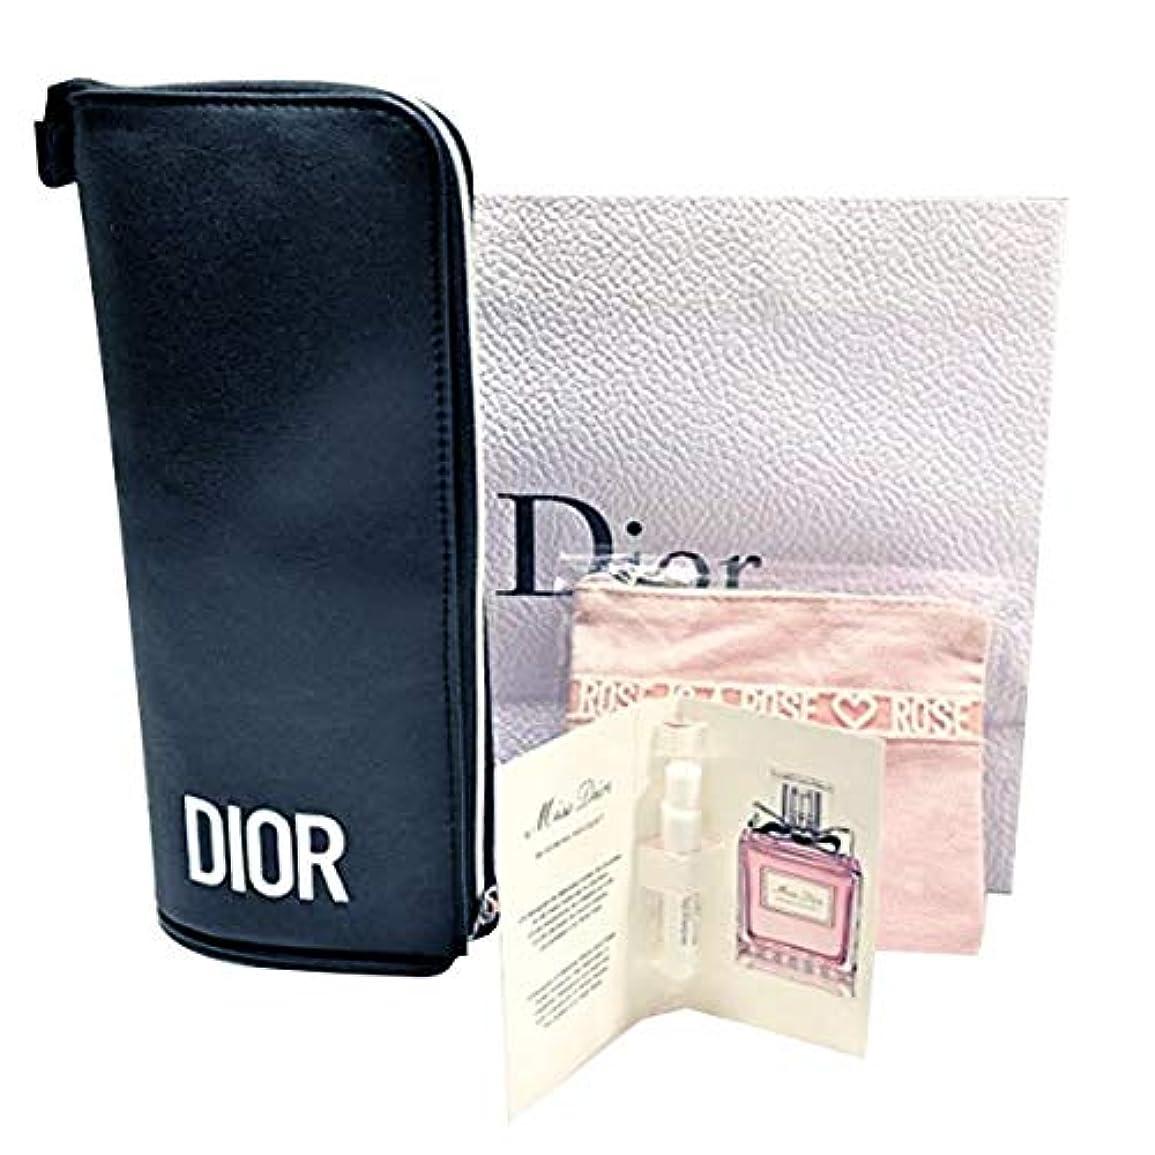 厚くする増幅囚人Dior ディオール トロッセポーチ?ミニポーチセット( ミス ディオール ブルーミング ブーケ EDT SP 1ml)